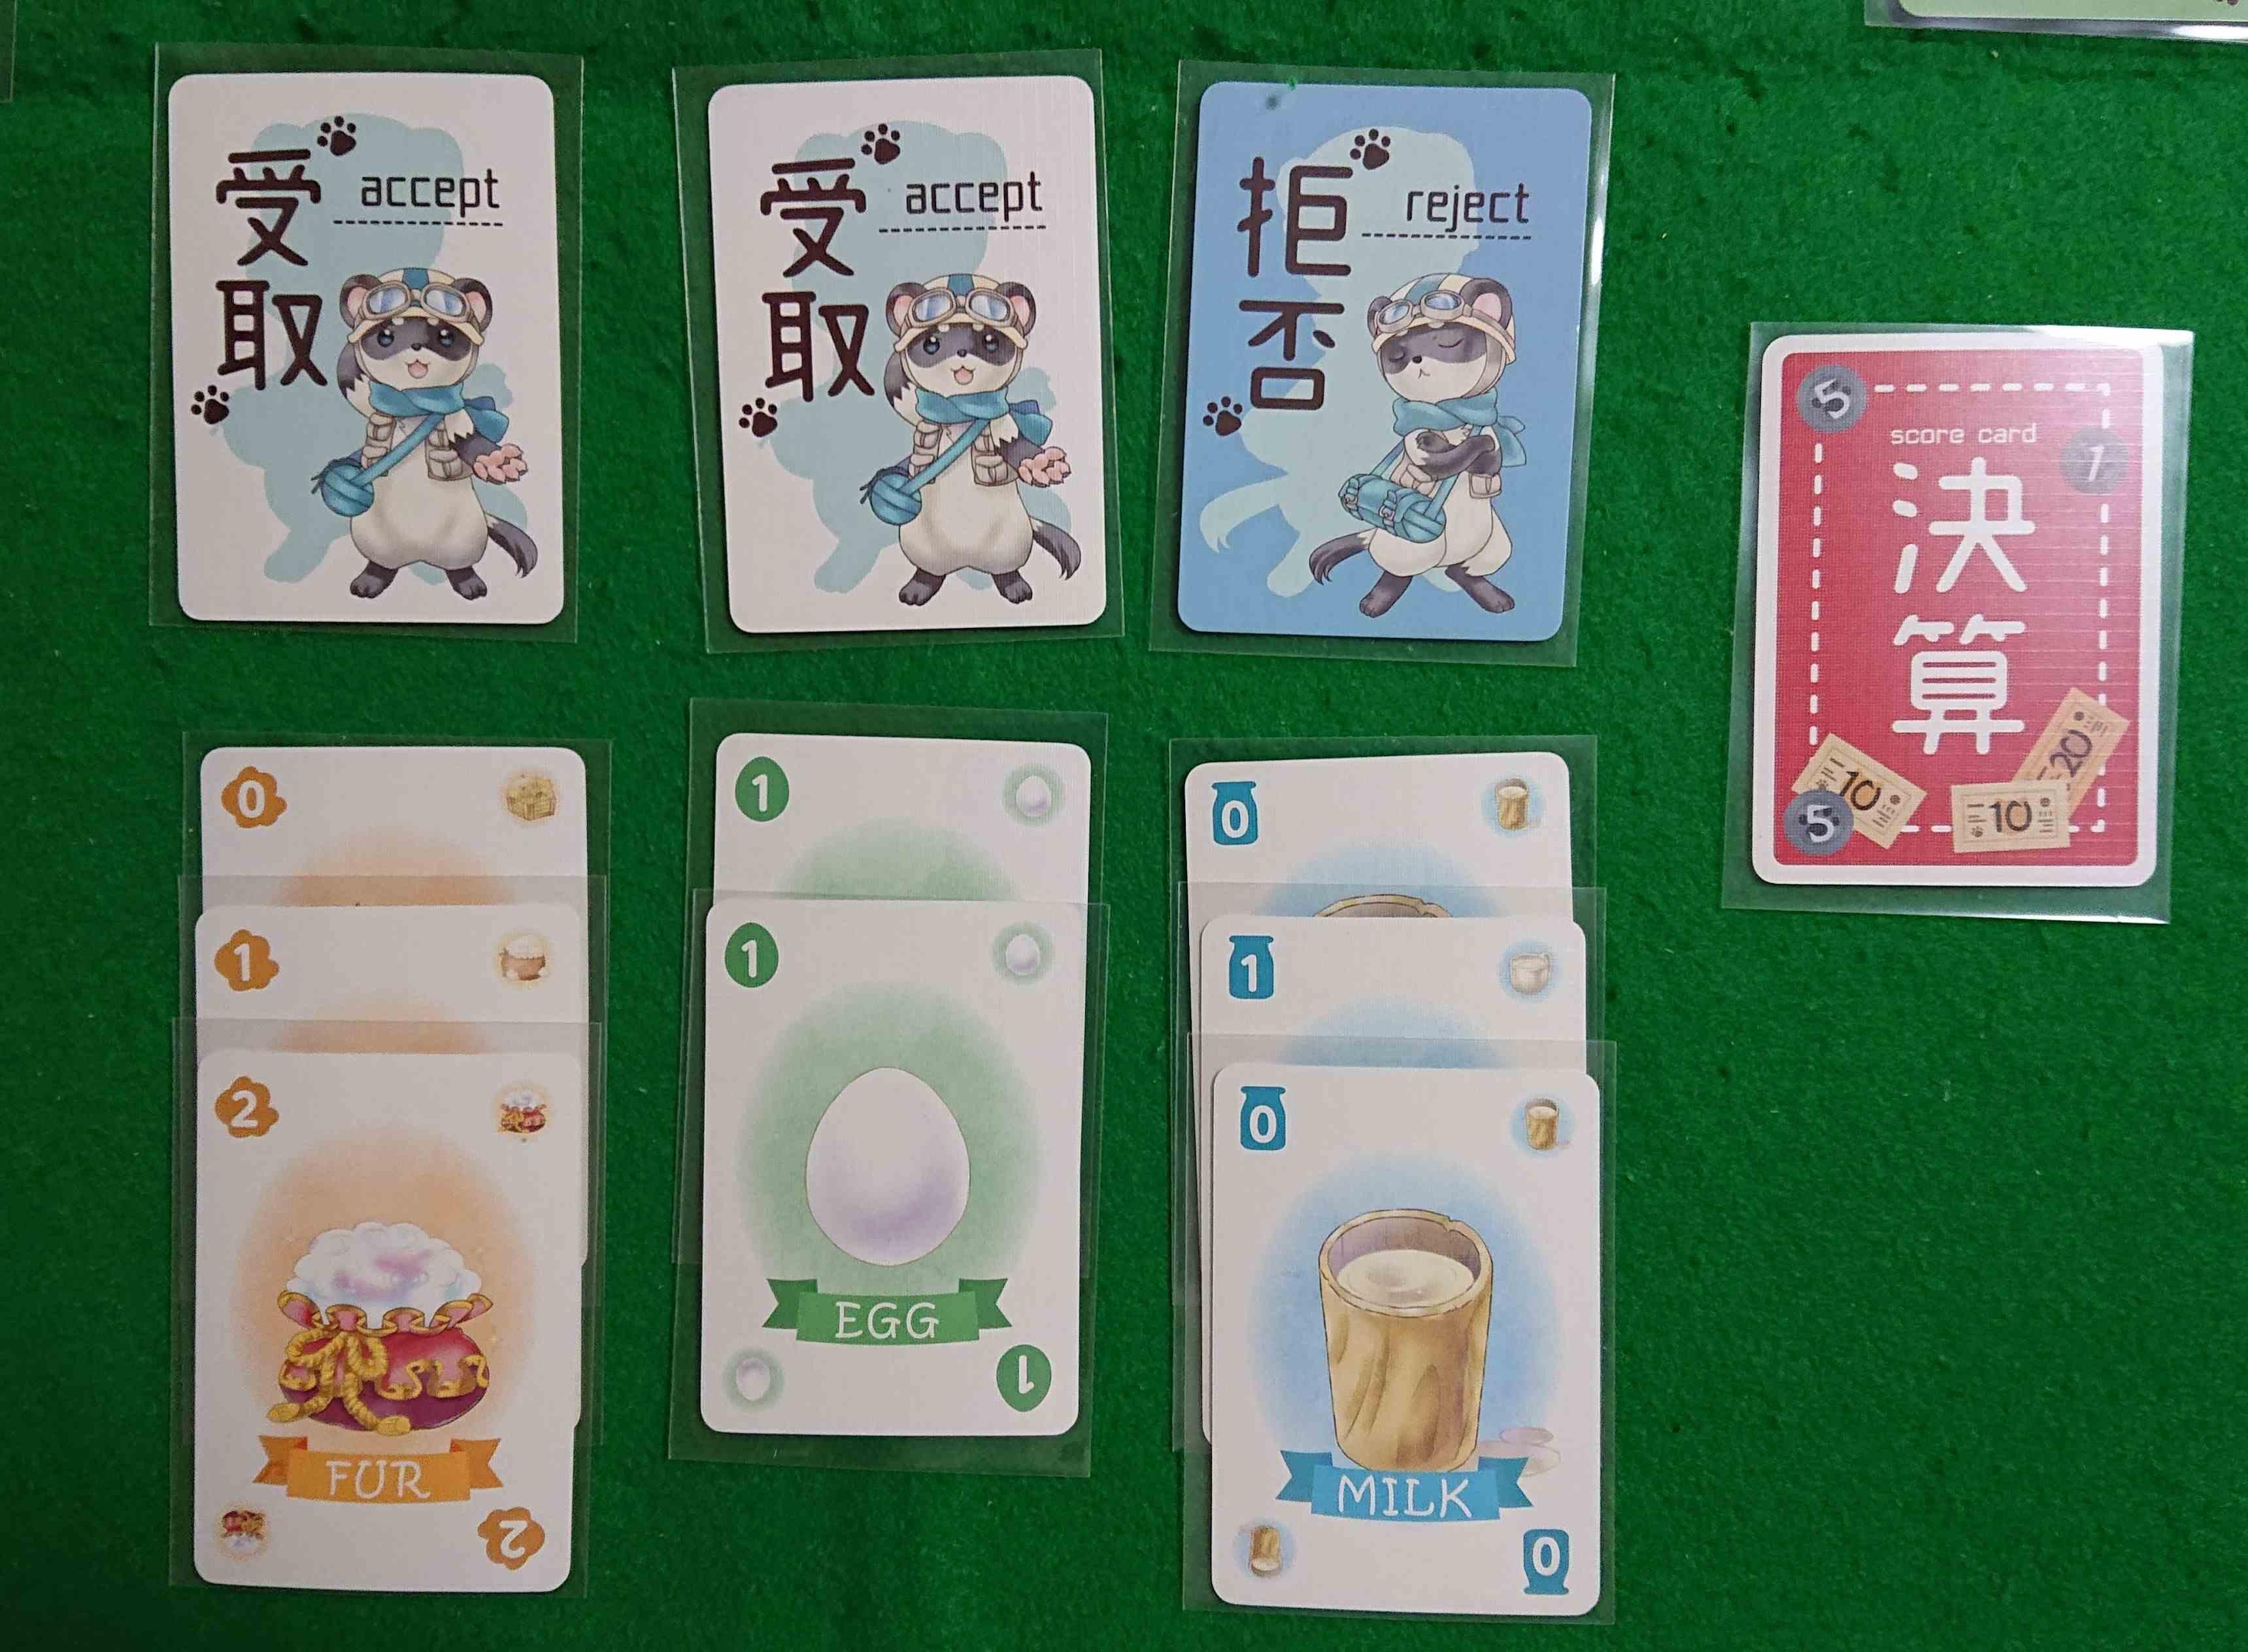 アニマルマインド 相手と正直に取引をしましょう! マイルドなブラフ系カードゲーム ボードゲーム